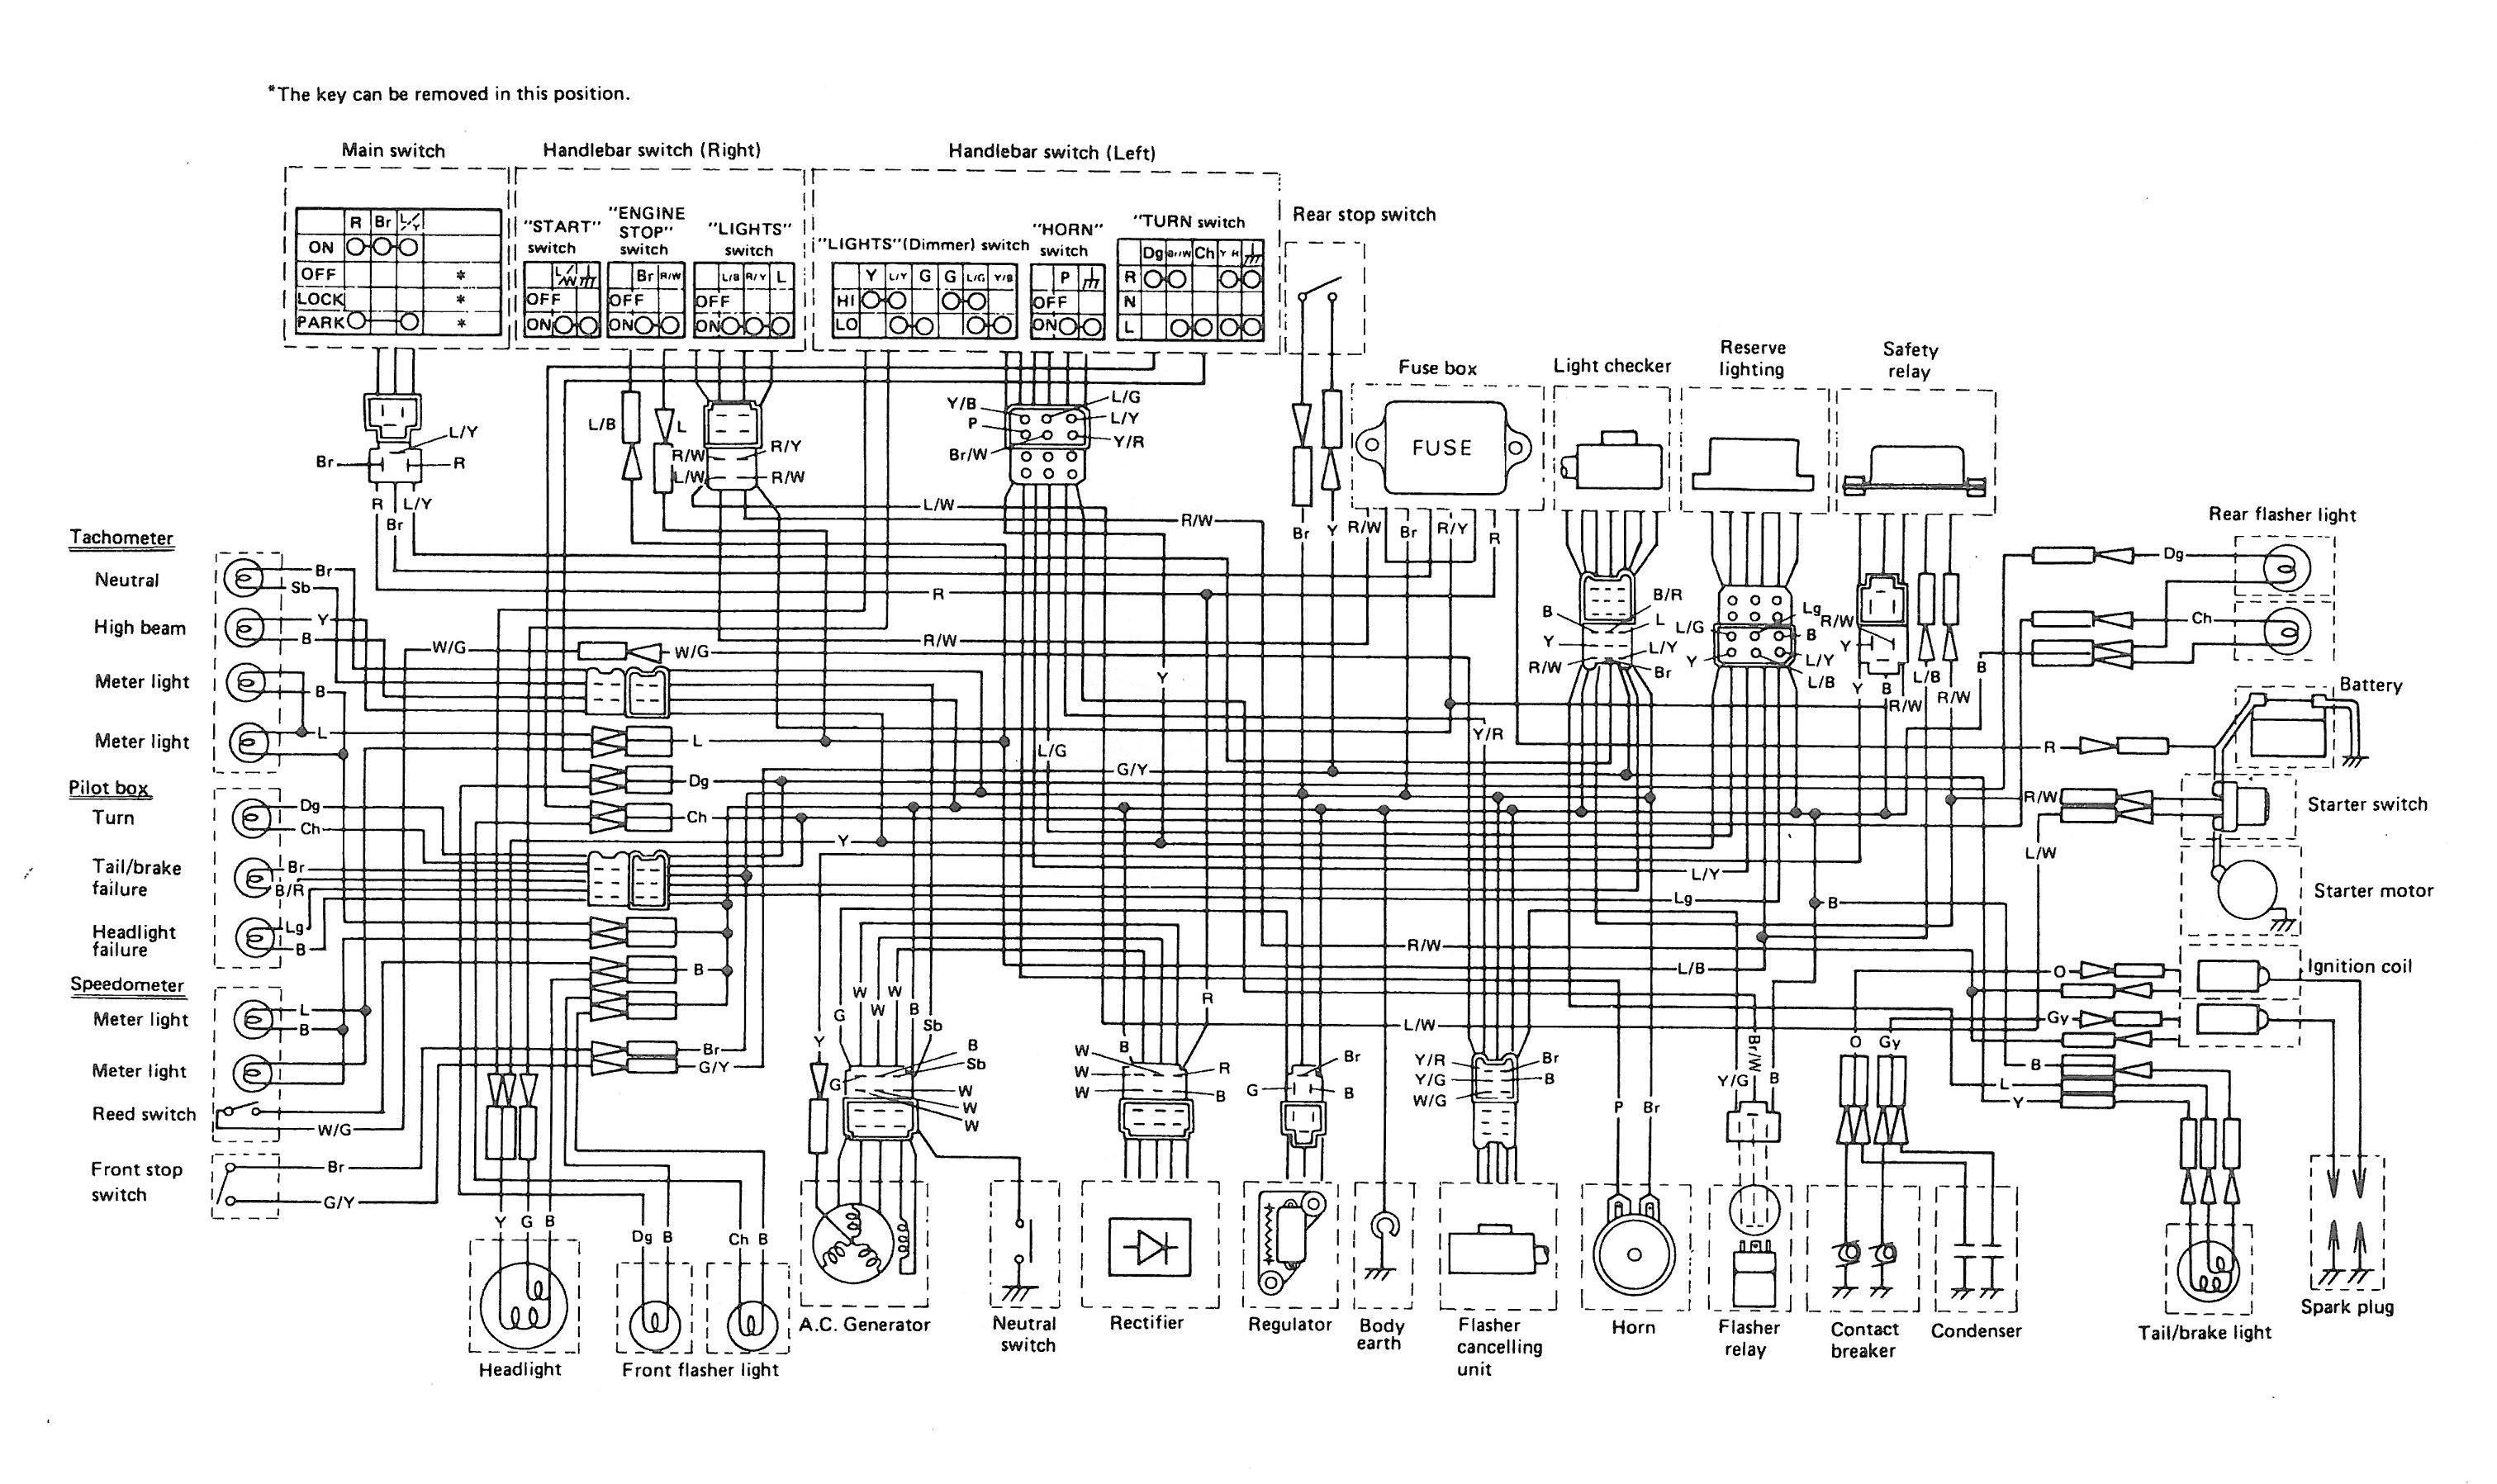 1978 Yamaha Xs650 Wiring Diagram on panasonic wiring diagrams, audiovox wiring diagrams, lg wiring diagrams, apc wiring diagrams, kenwood wiring diagrams, westinghouse wiring diagrams, yamaha wiring diagrams, celestion wiring diagrams, m-audio wiring diagrams, subwoofer wiring diagrams, kicker wiring diagrams, samsung wiring diagrams, sony wiring diagrams, vizio wiring diagrams, heathkit wiring diagrams, ge wiring diagrams, bose wiring diagrams, klipsch speakers wiring diagrams, nec wiring diagrams, mitsubishi wiring diagrams,